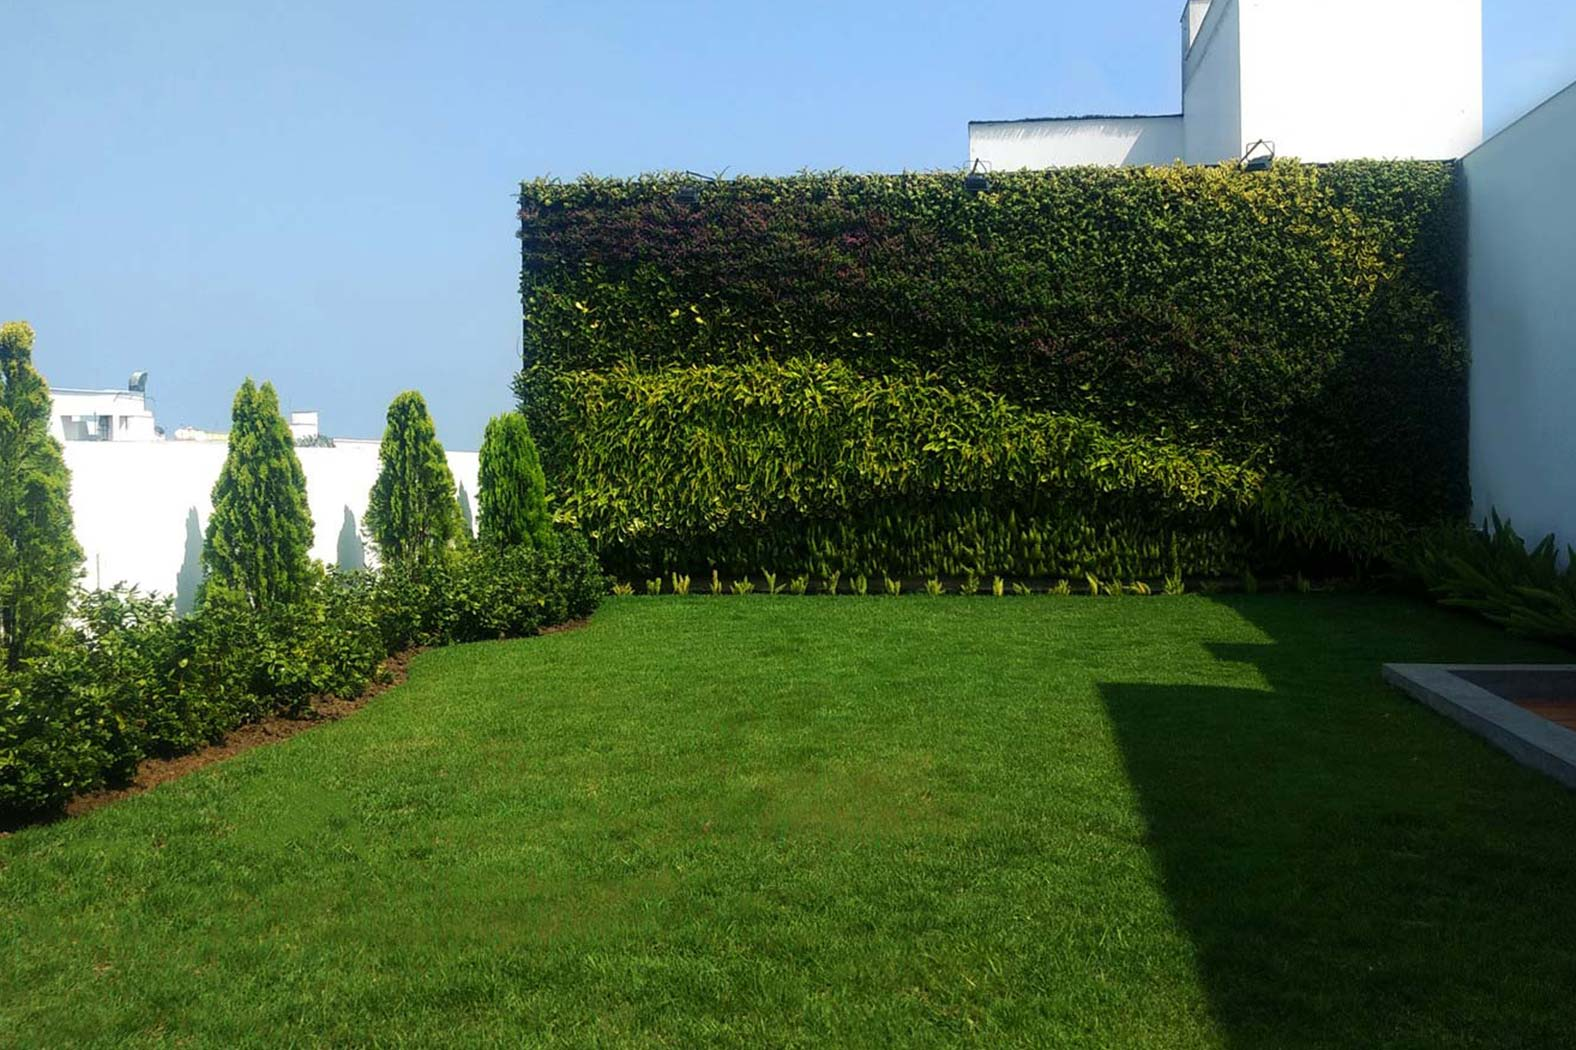 Proyectos jard n vertical jardines verticales Techos verdes y jardines verticales